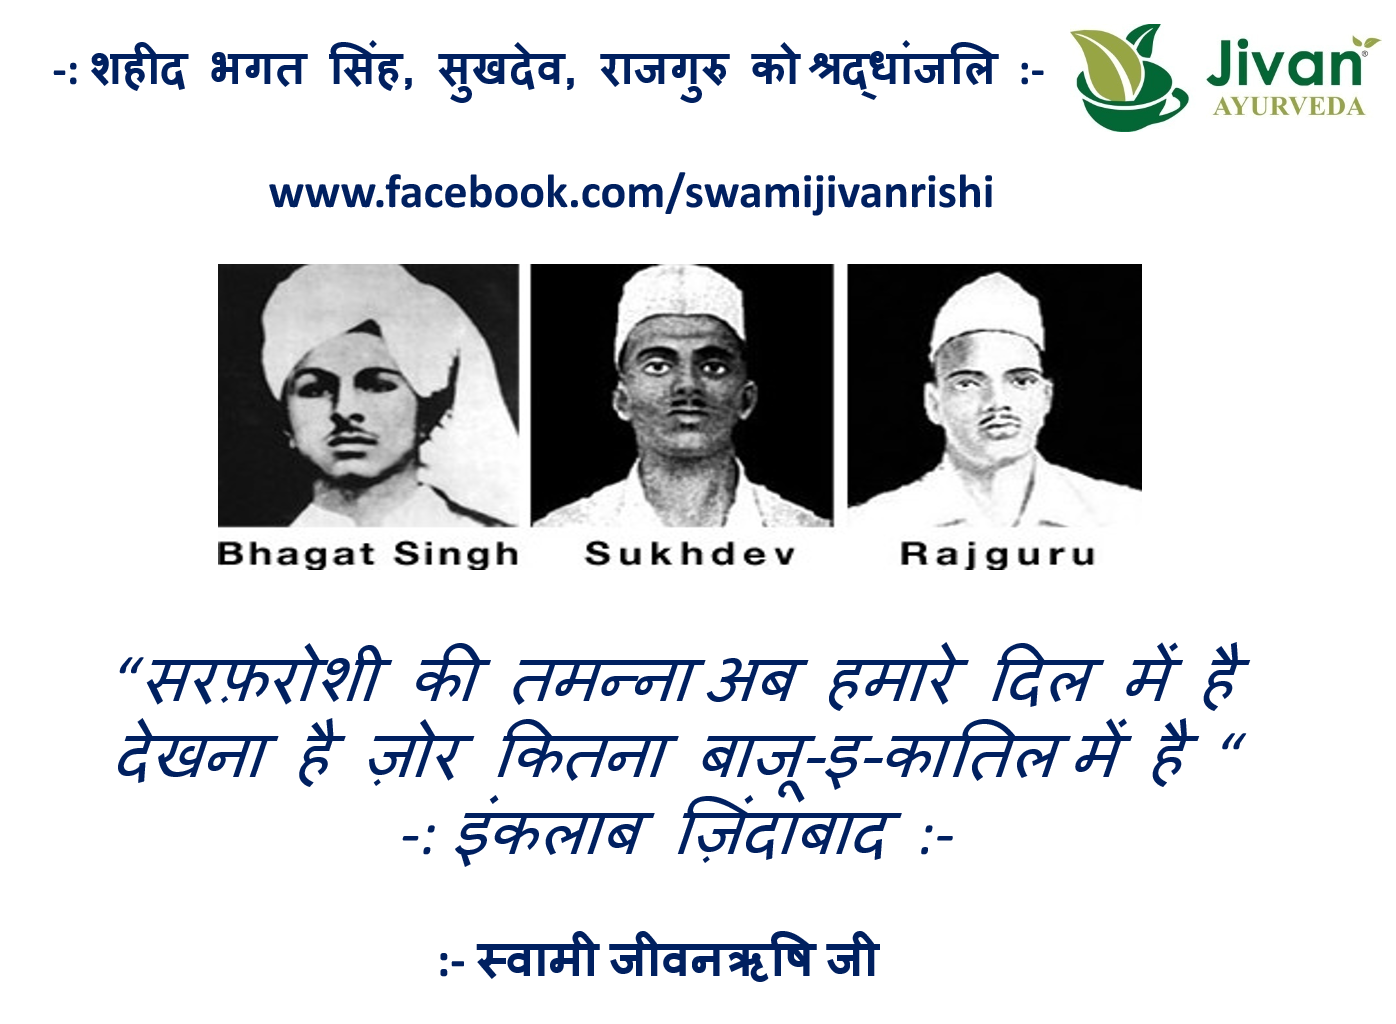 देश के शहीदों को नमन जय हिन्द ,जय शहीद